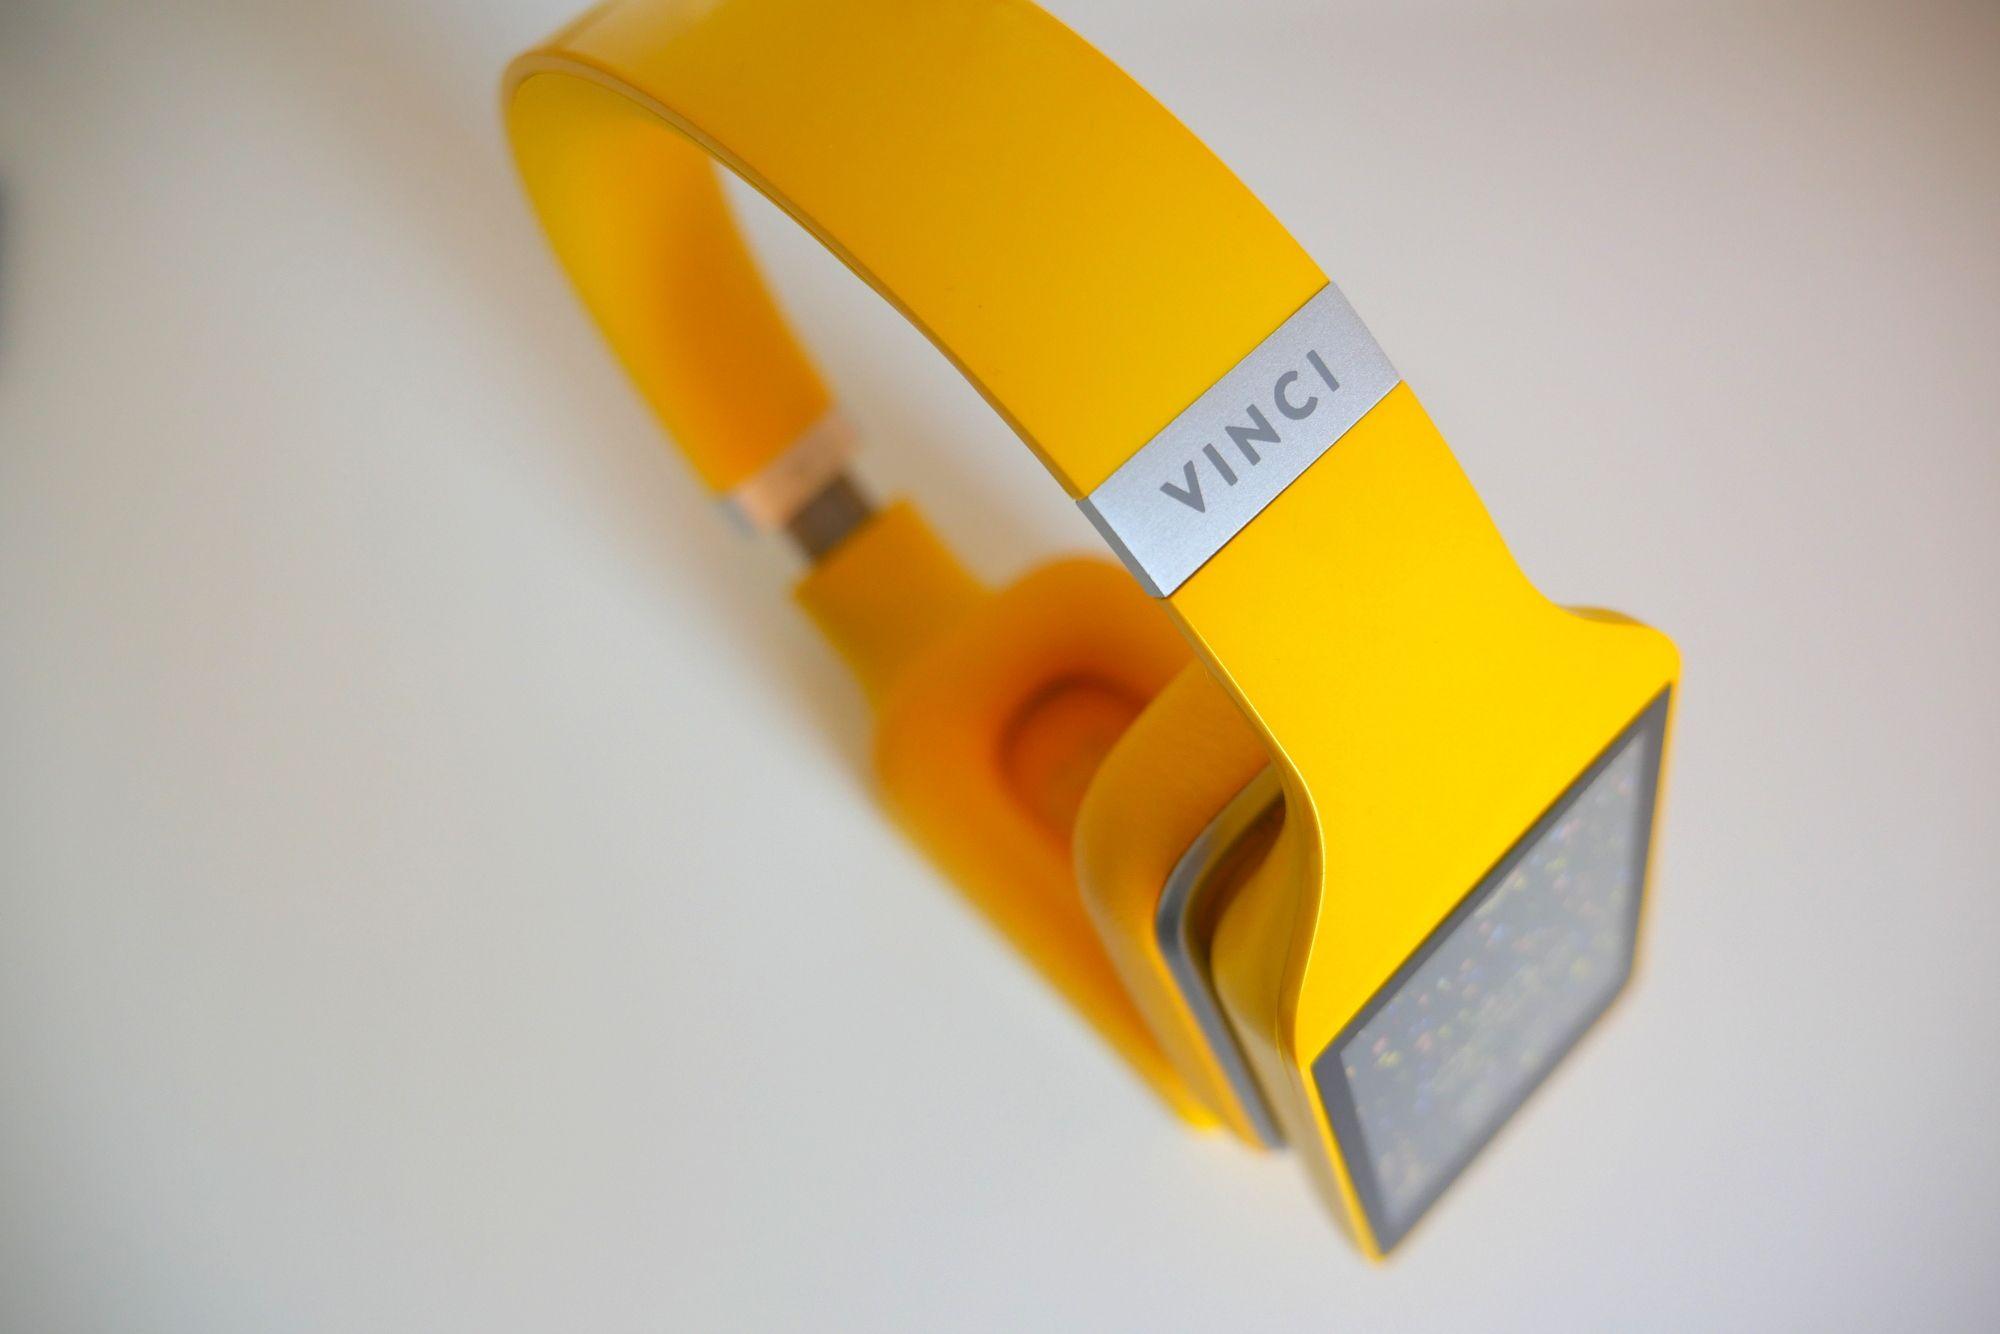 Vinci: ecco le cuffie bluetooth che vi capiscono, e rispondono